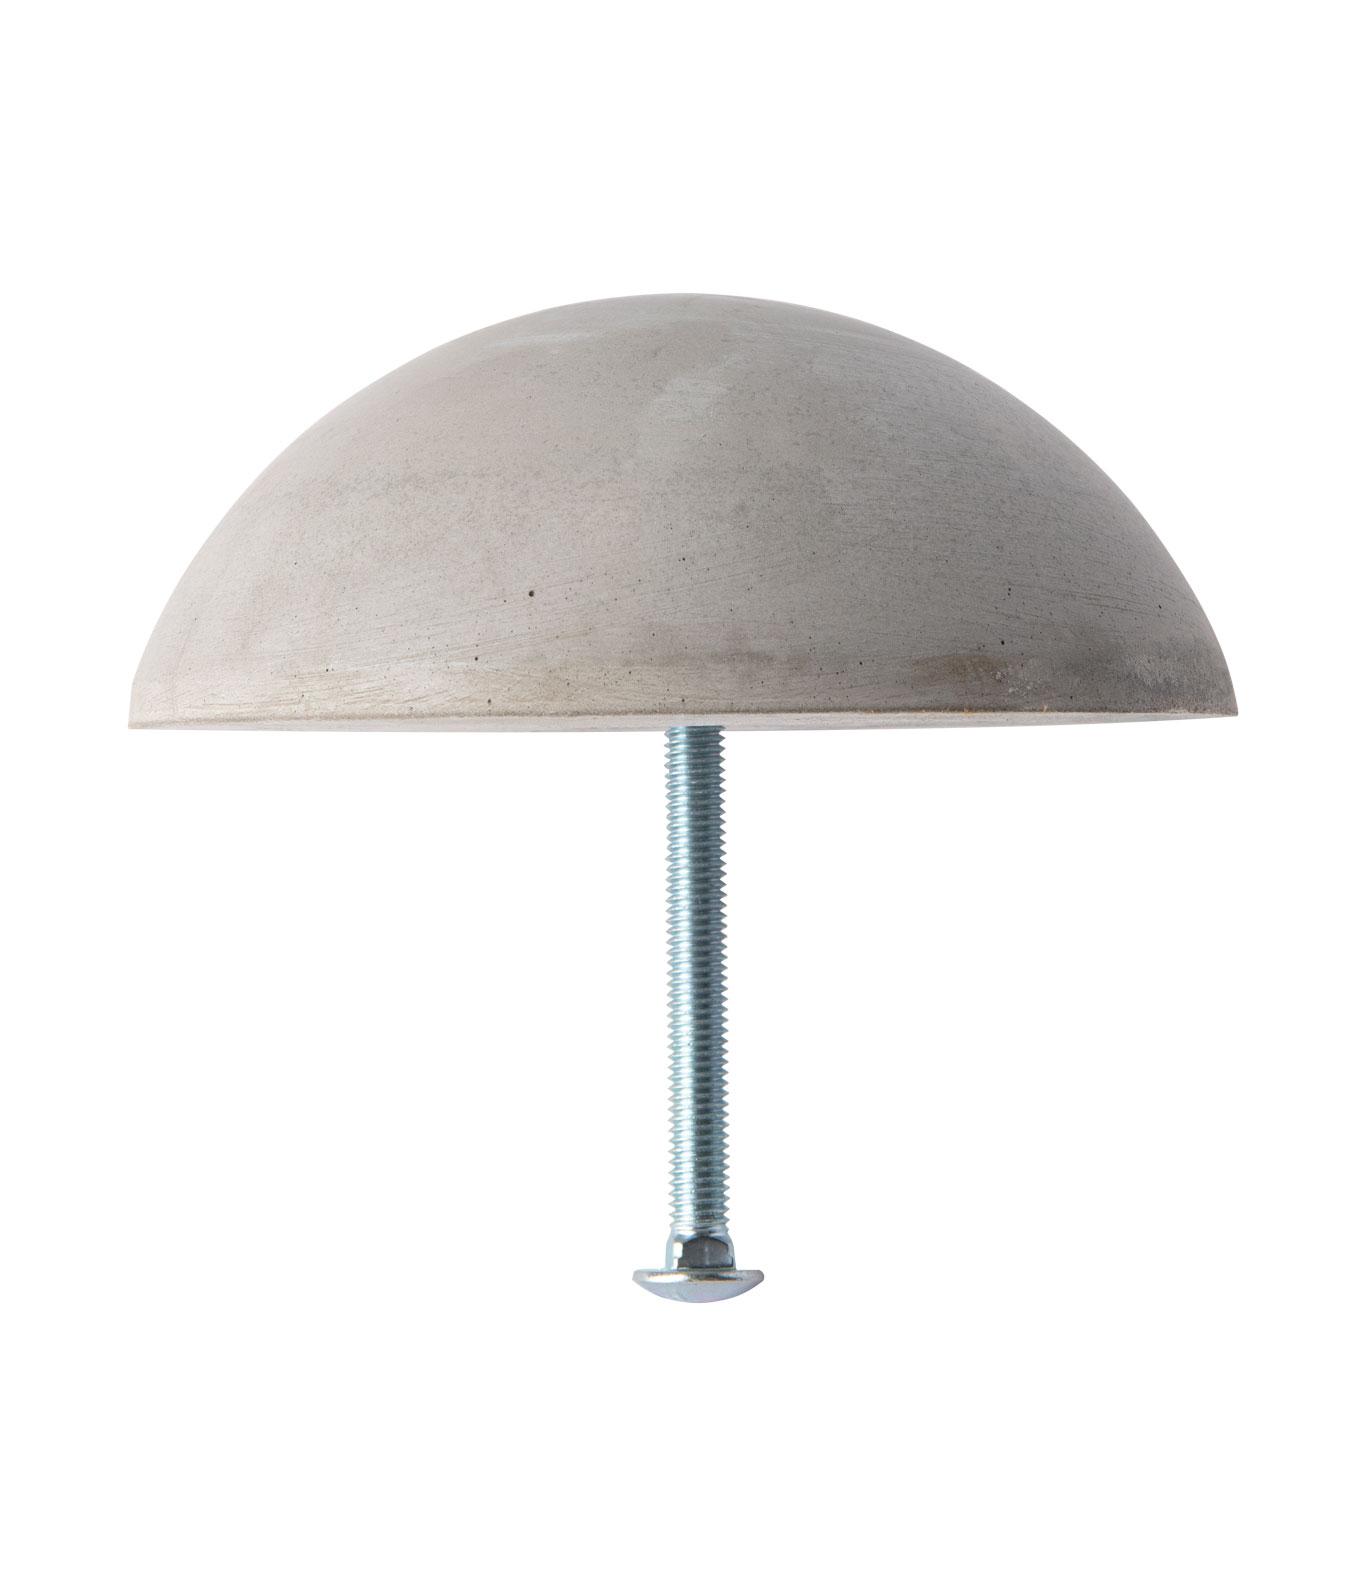 Concrete Pipe Bollard Cap (6 in)